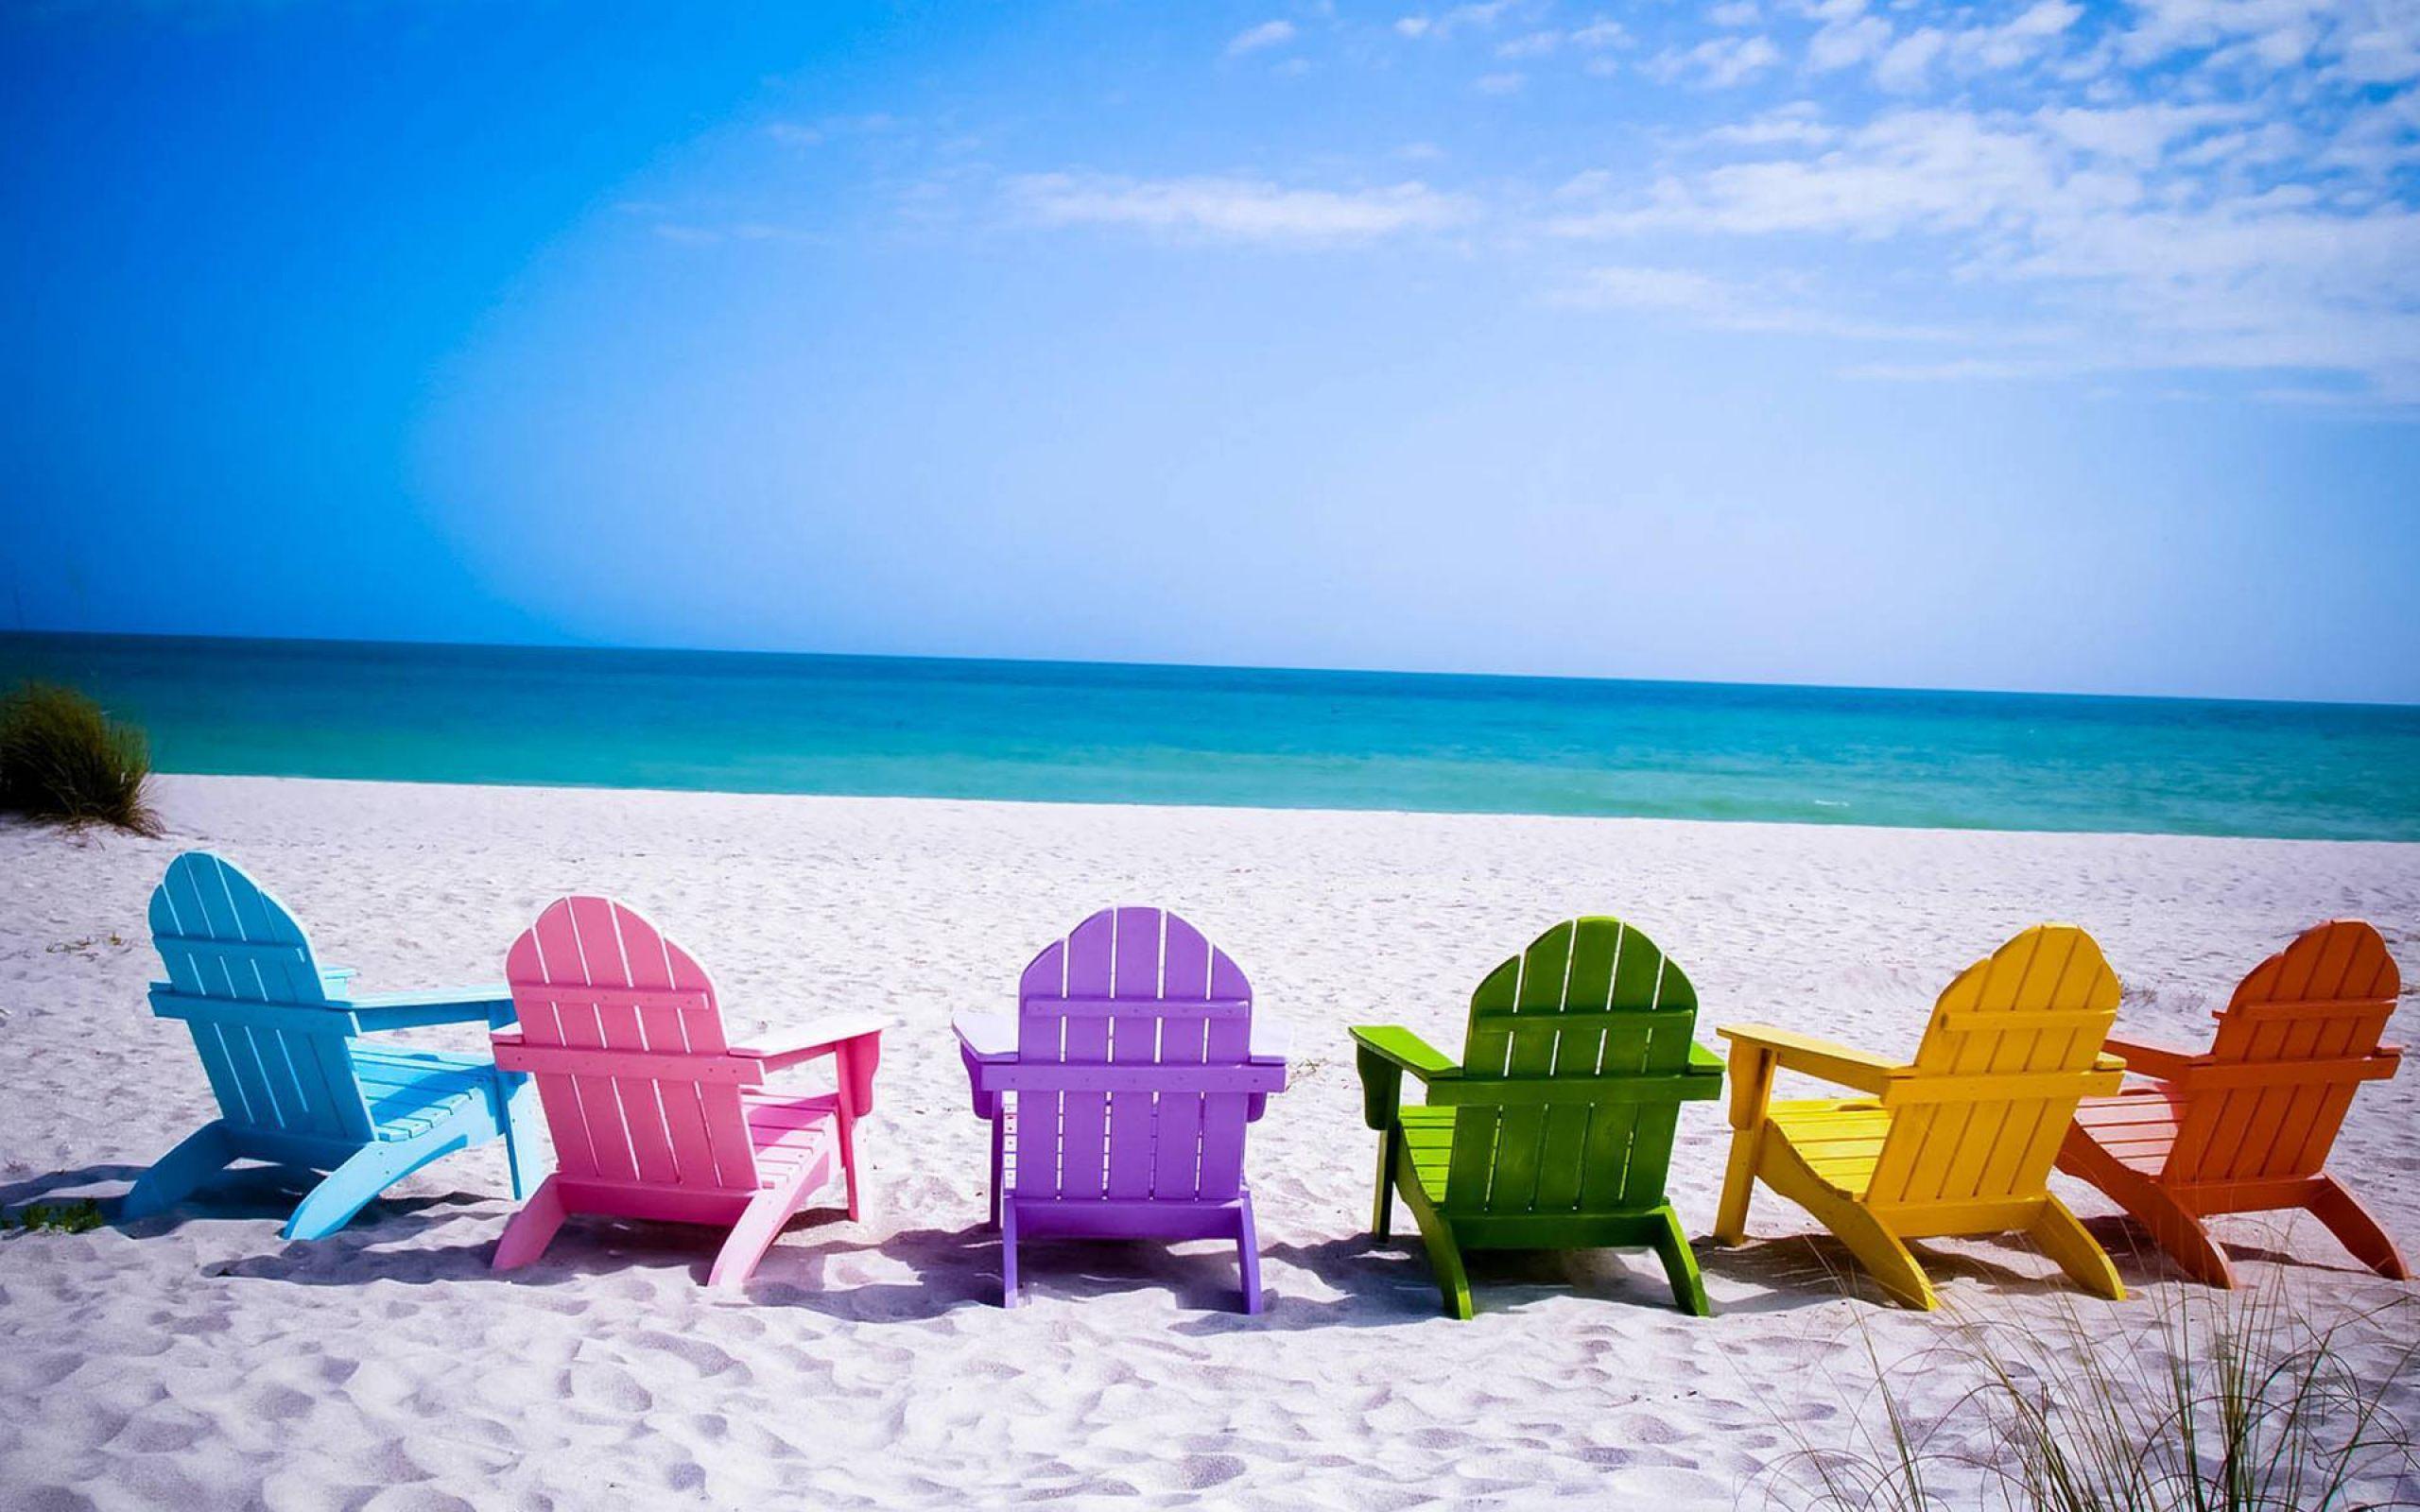 44+ Summer Beach Chairs Desktop Wallpaper on WallpaperSafari